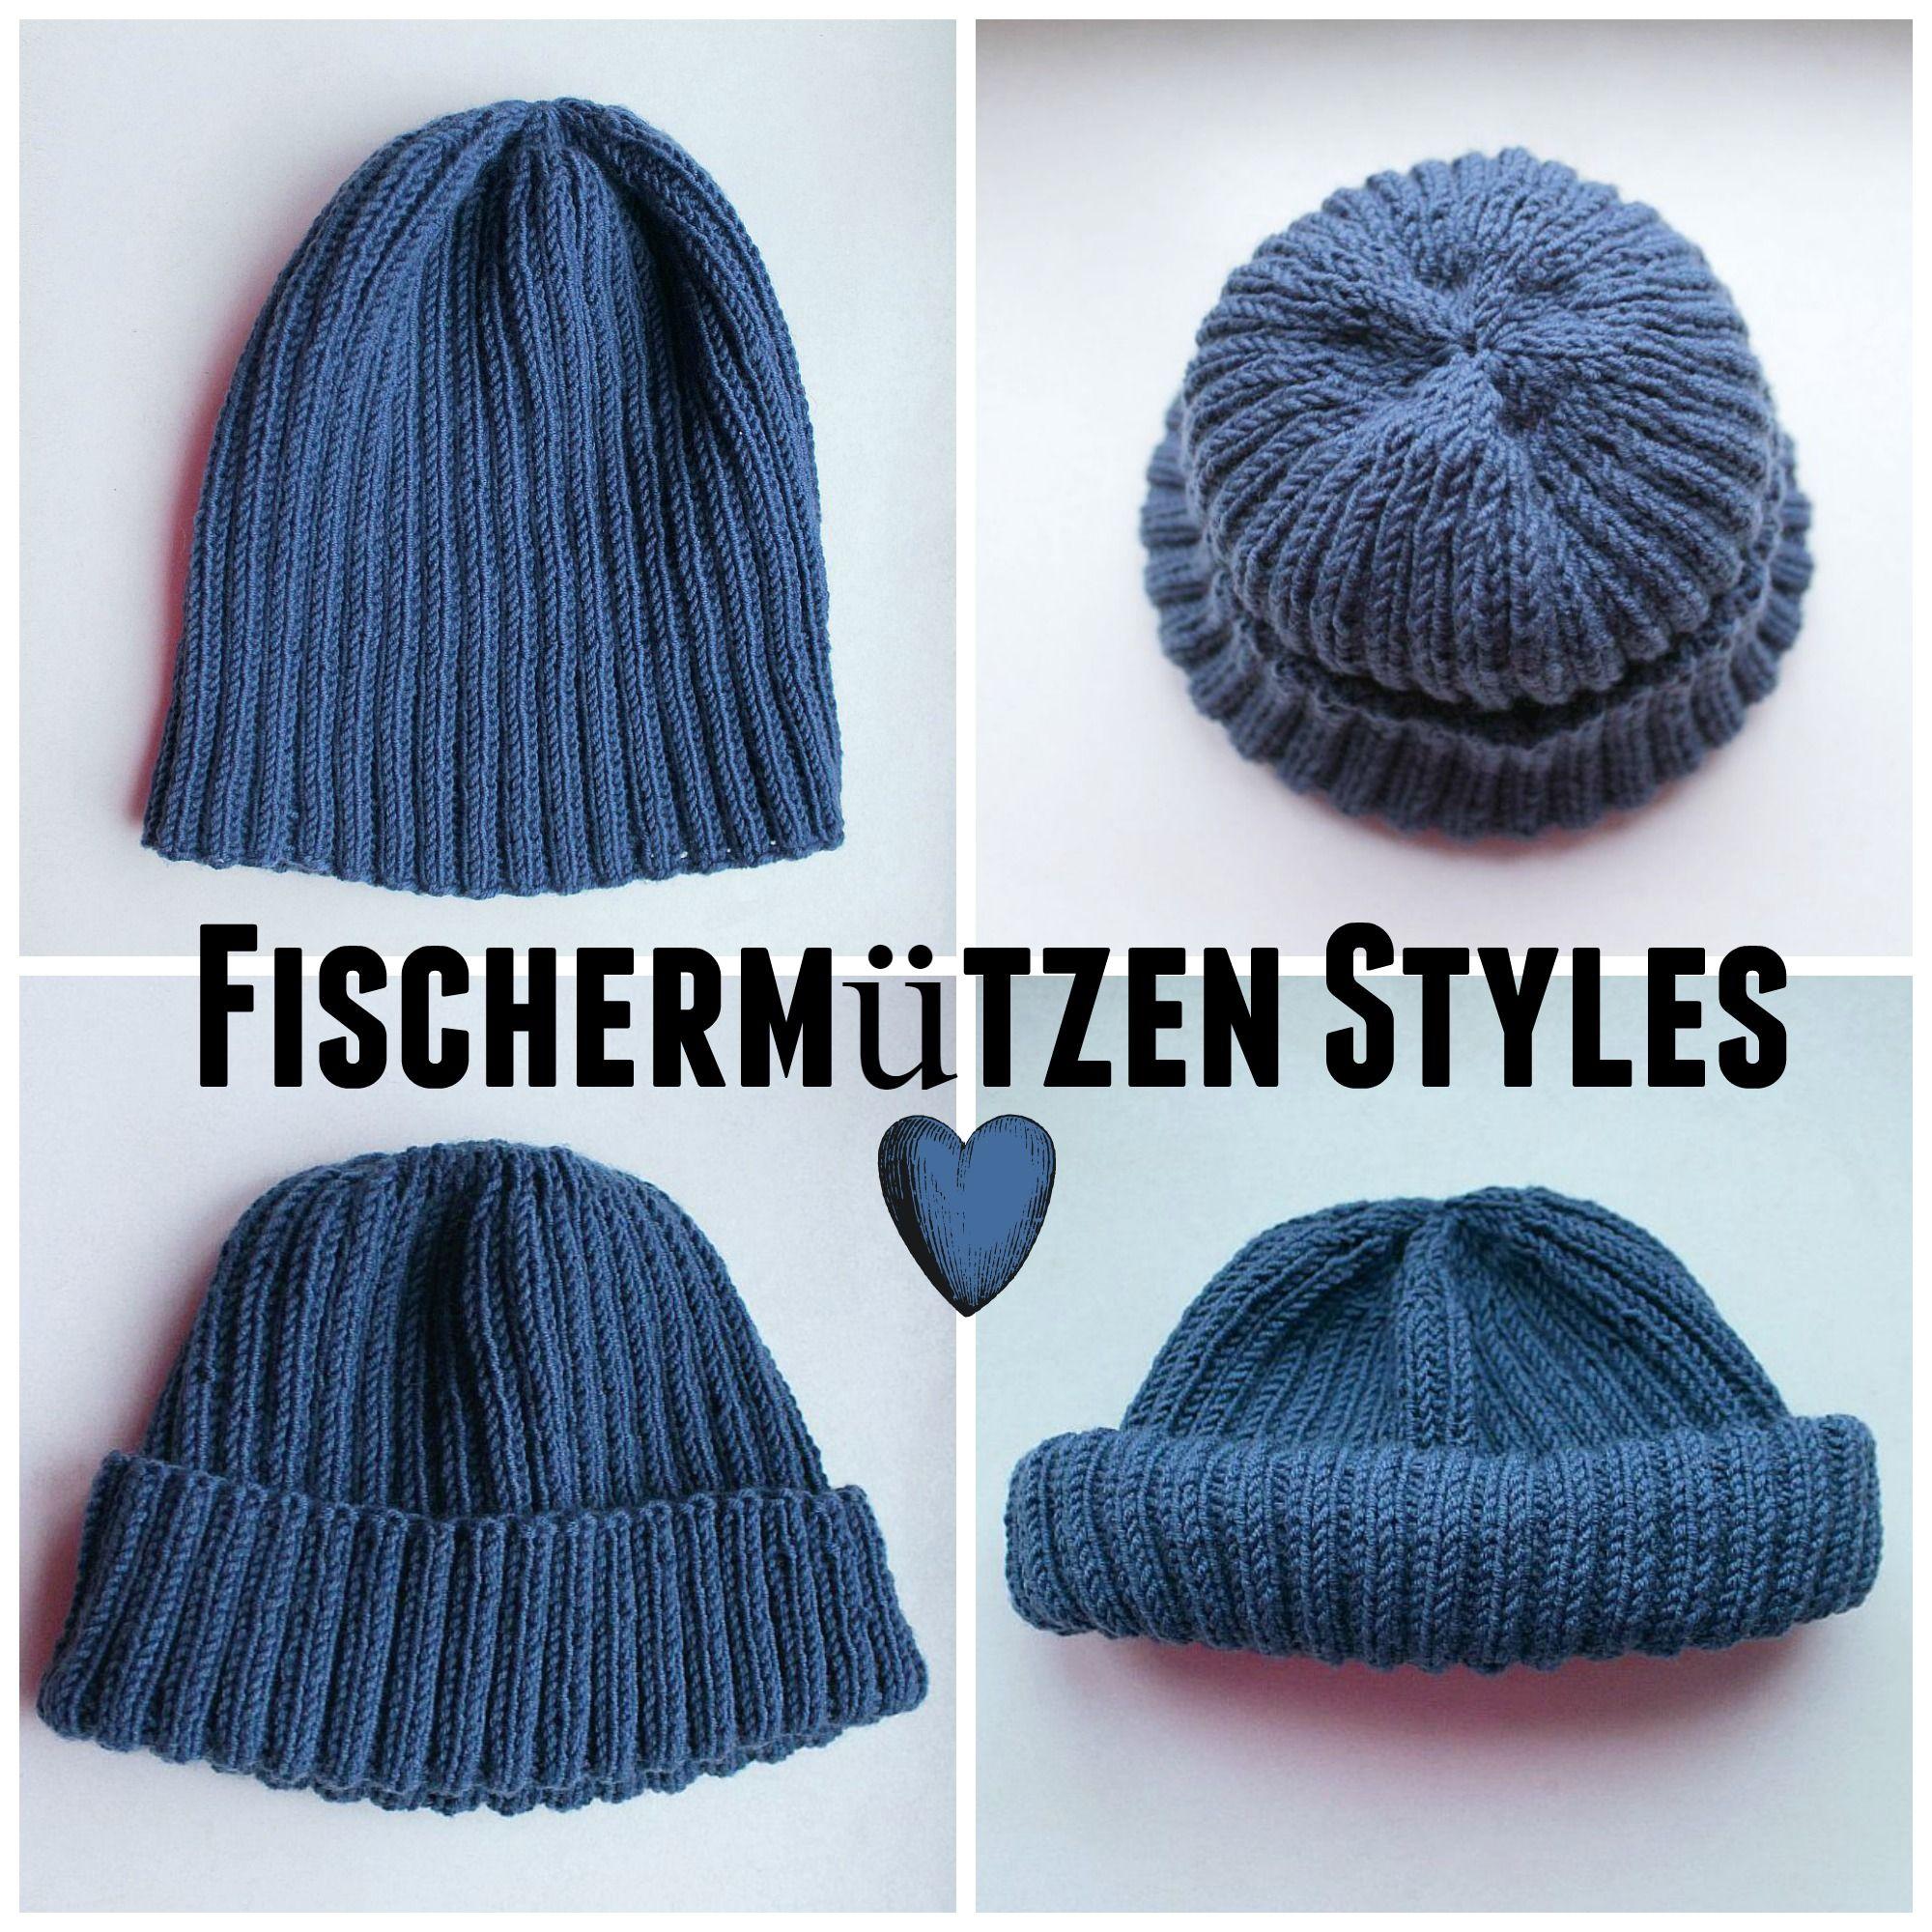 G-Kids Baby Kinder Winter Wärmer Mütze Kunstpelz Wollmütze Beanie Strickmütz Wolle Hut Hüte, Mützen & Caps